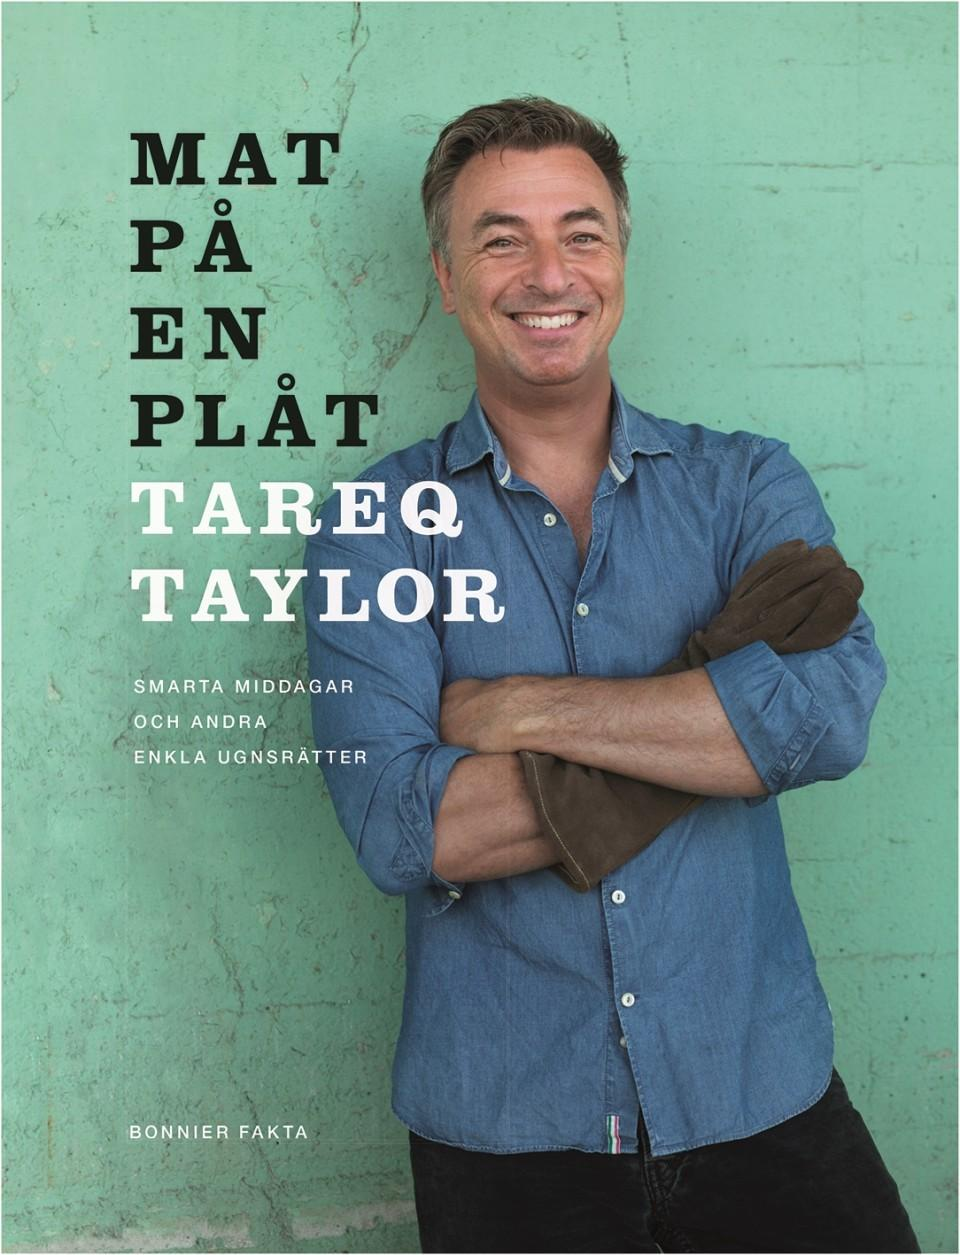 Kokboken Mat på en plåt av Tareq Taylor